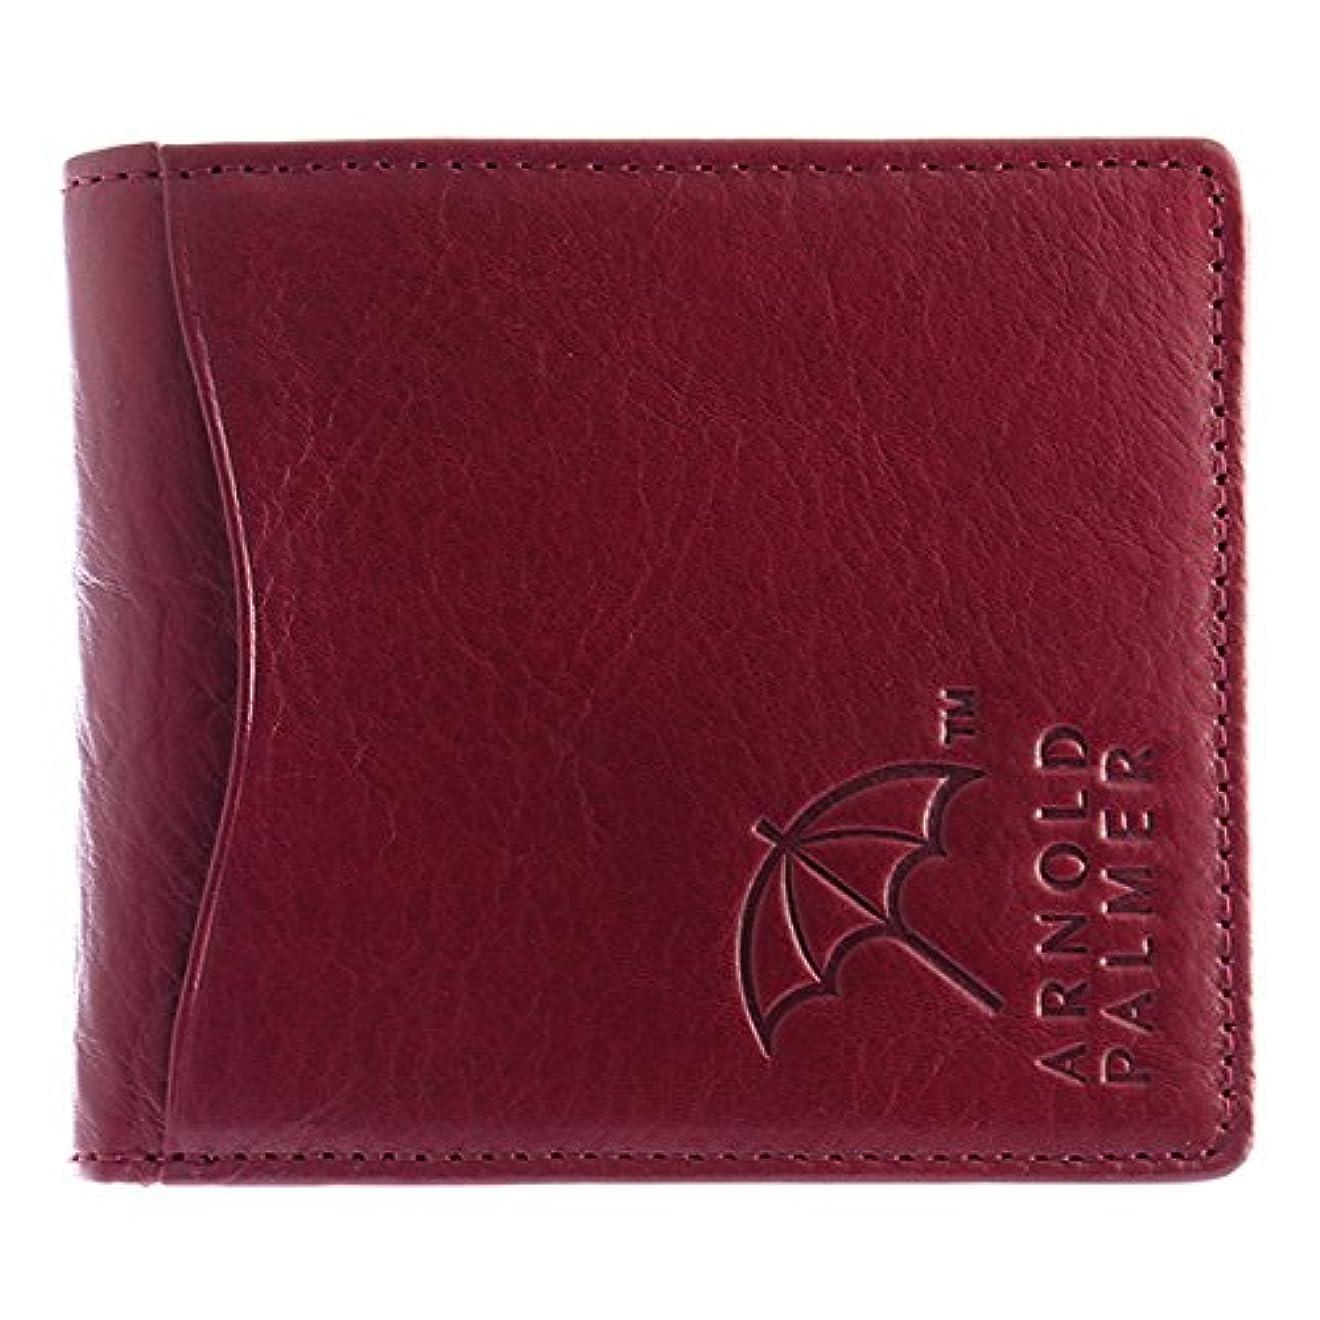 写真を描くステージ良心アーノルドパーマー 二つ折り財布 短財布 ユニセックス 4AP3186-WI ワイン [並行輸入品]